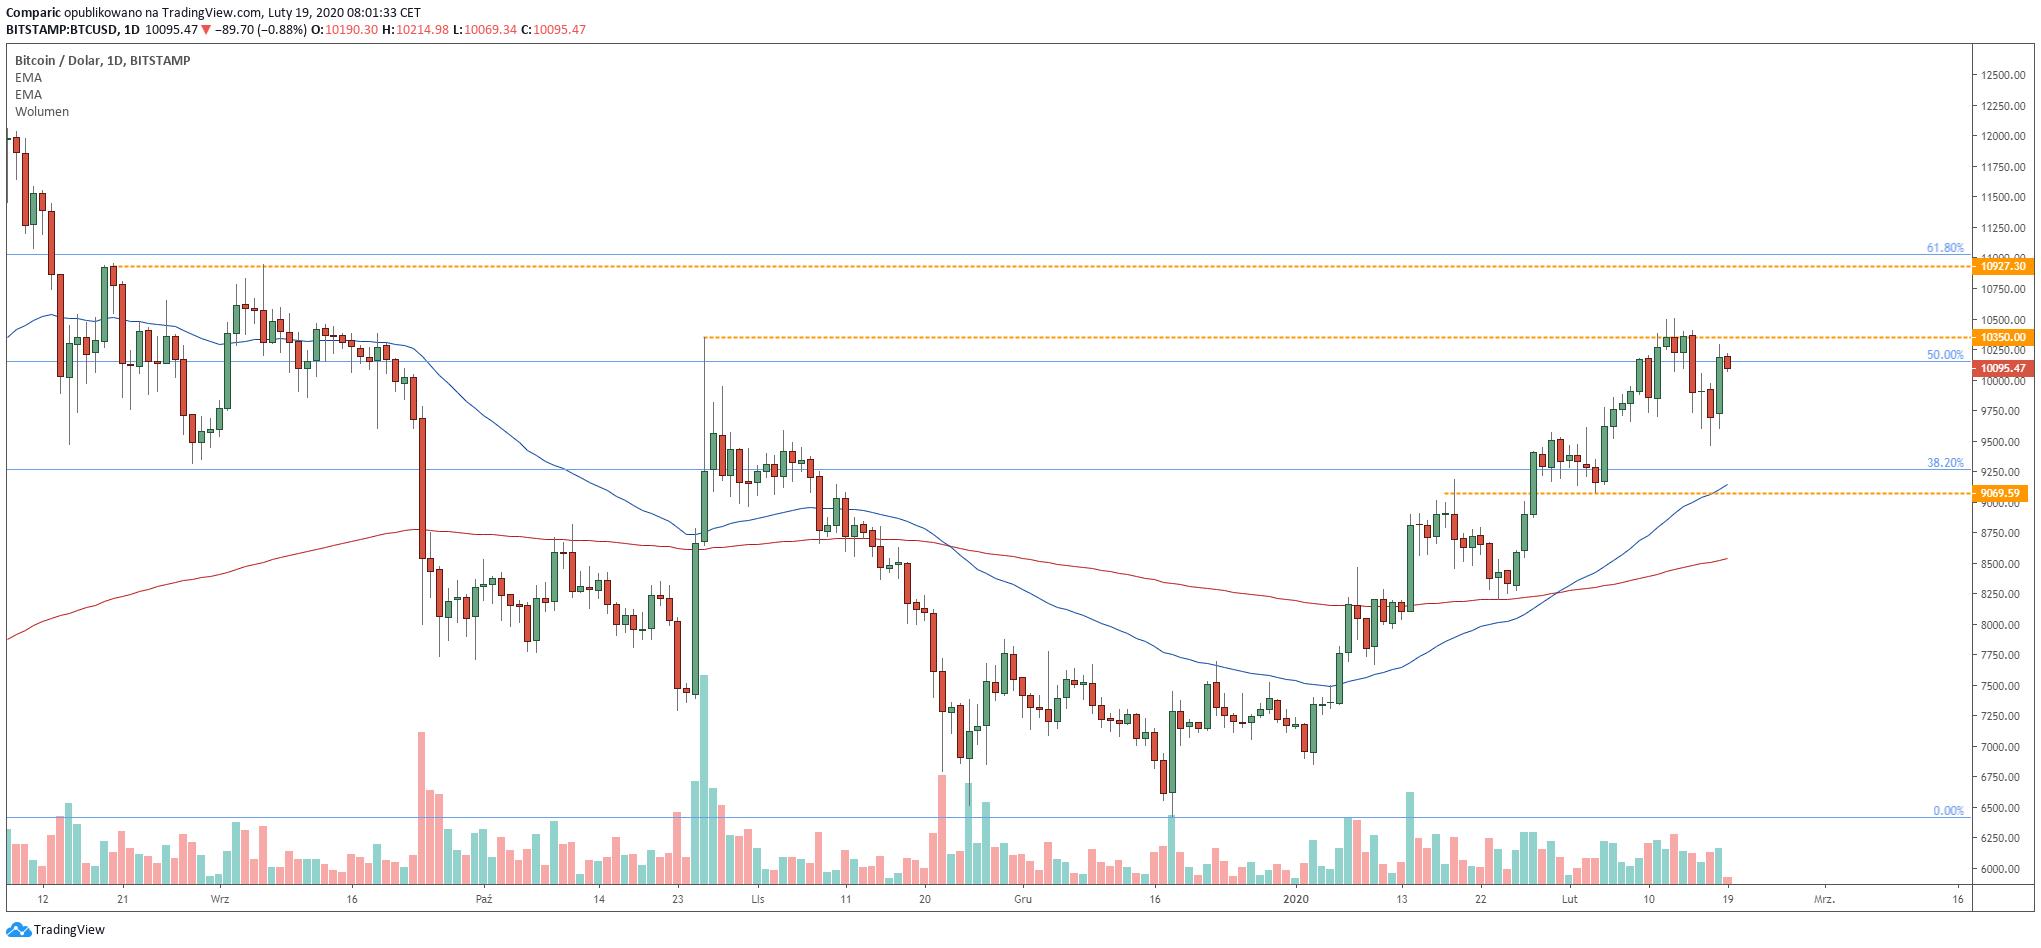 Bitcoin walczy obecnie z ważnym oporem wzmacnianym przez 50% zniesienia zeszłorocznego trendu spadkowego. Źródło: Tradingview.com